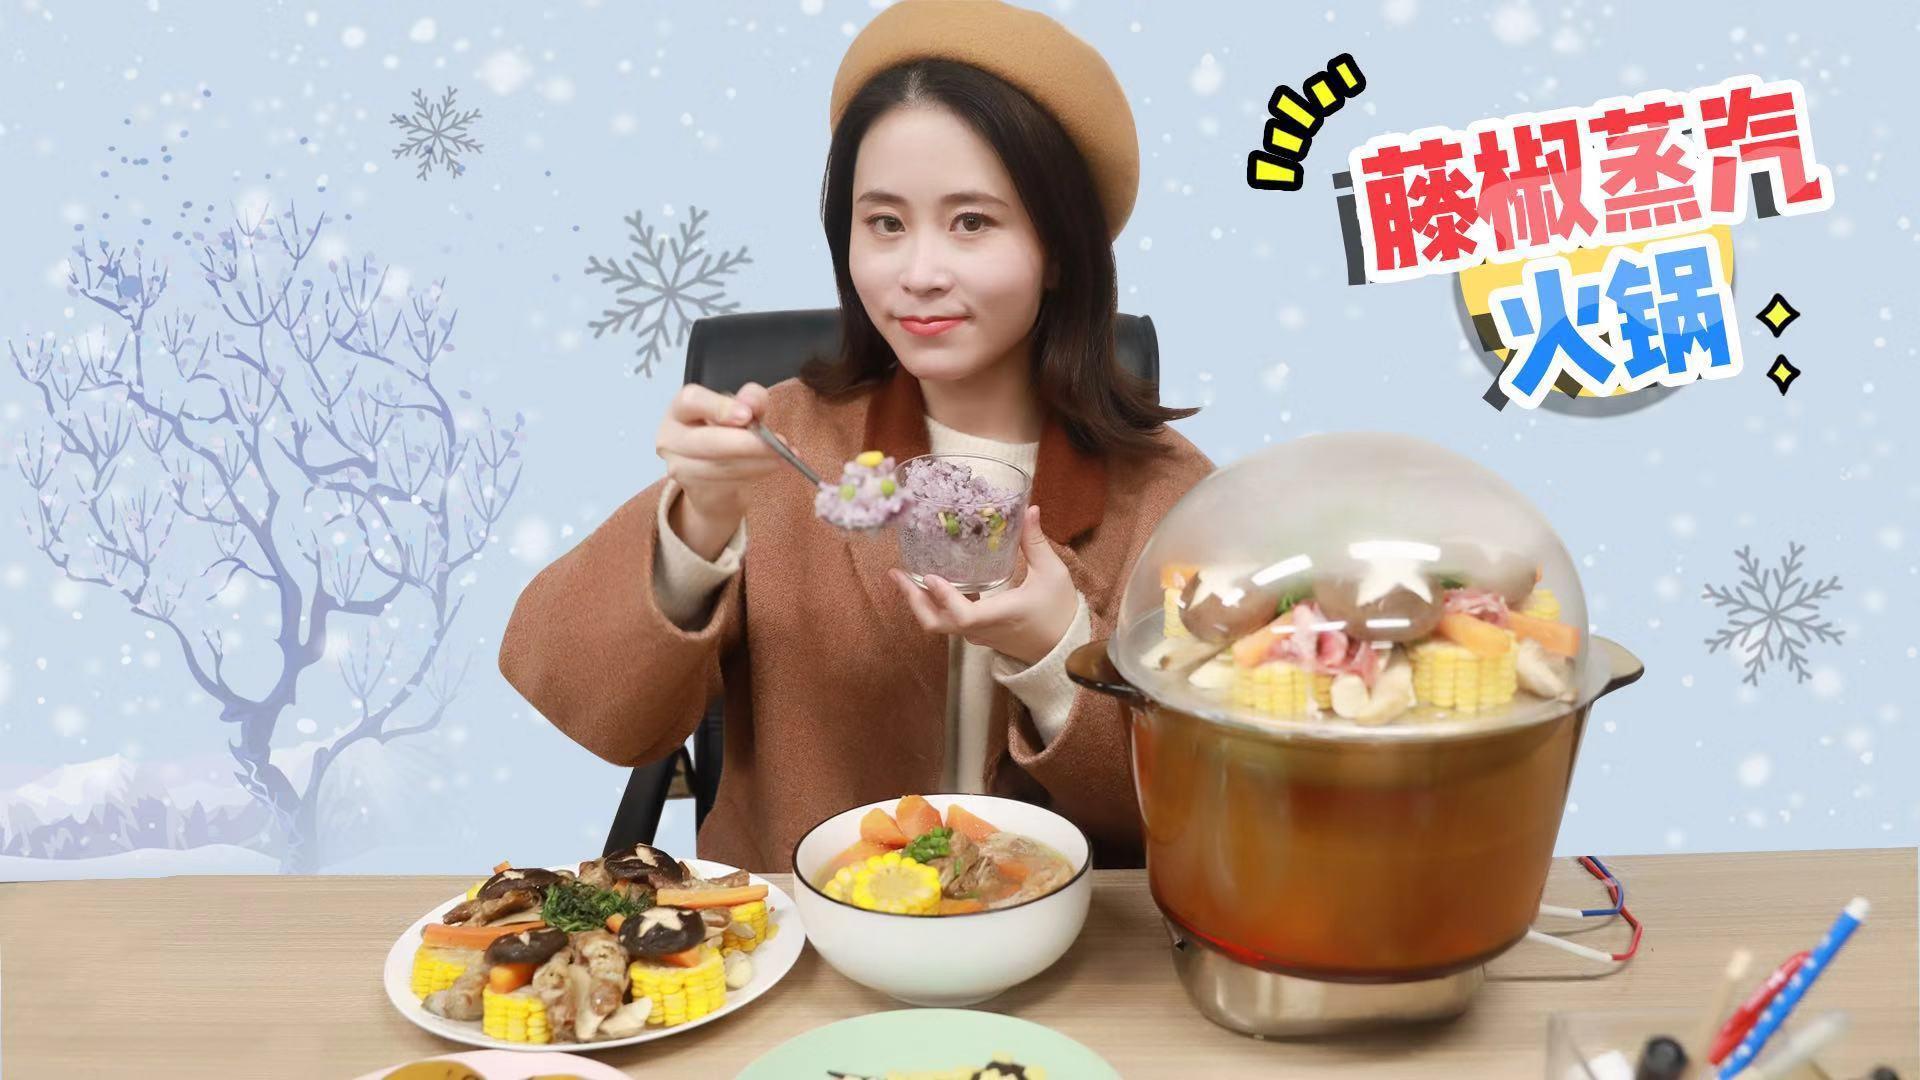 办公室小野用熨斗做藤椒蒸汽火锅,汤浓味美,瞬间从胃暖到心